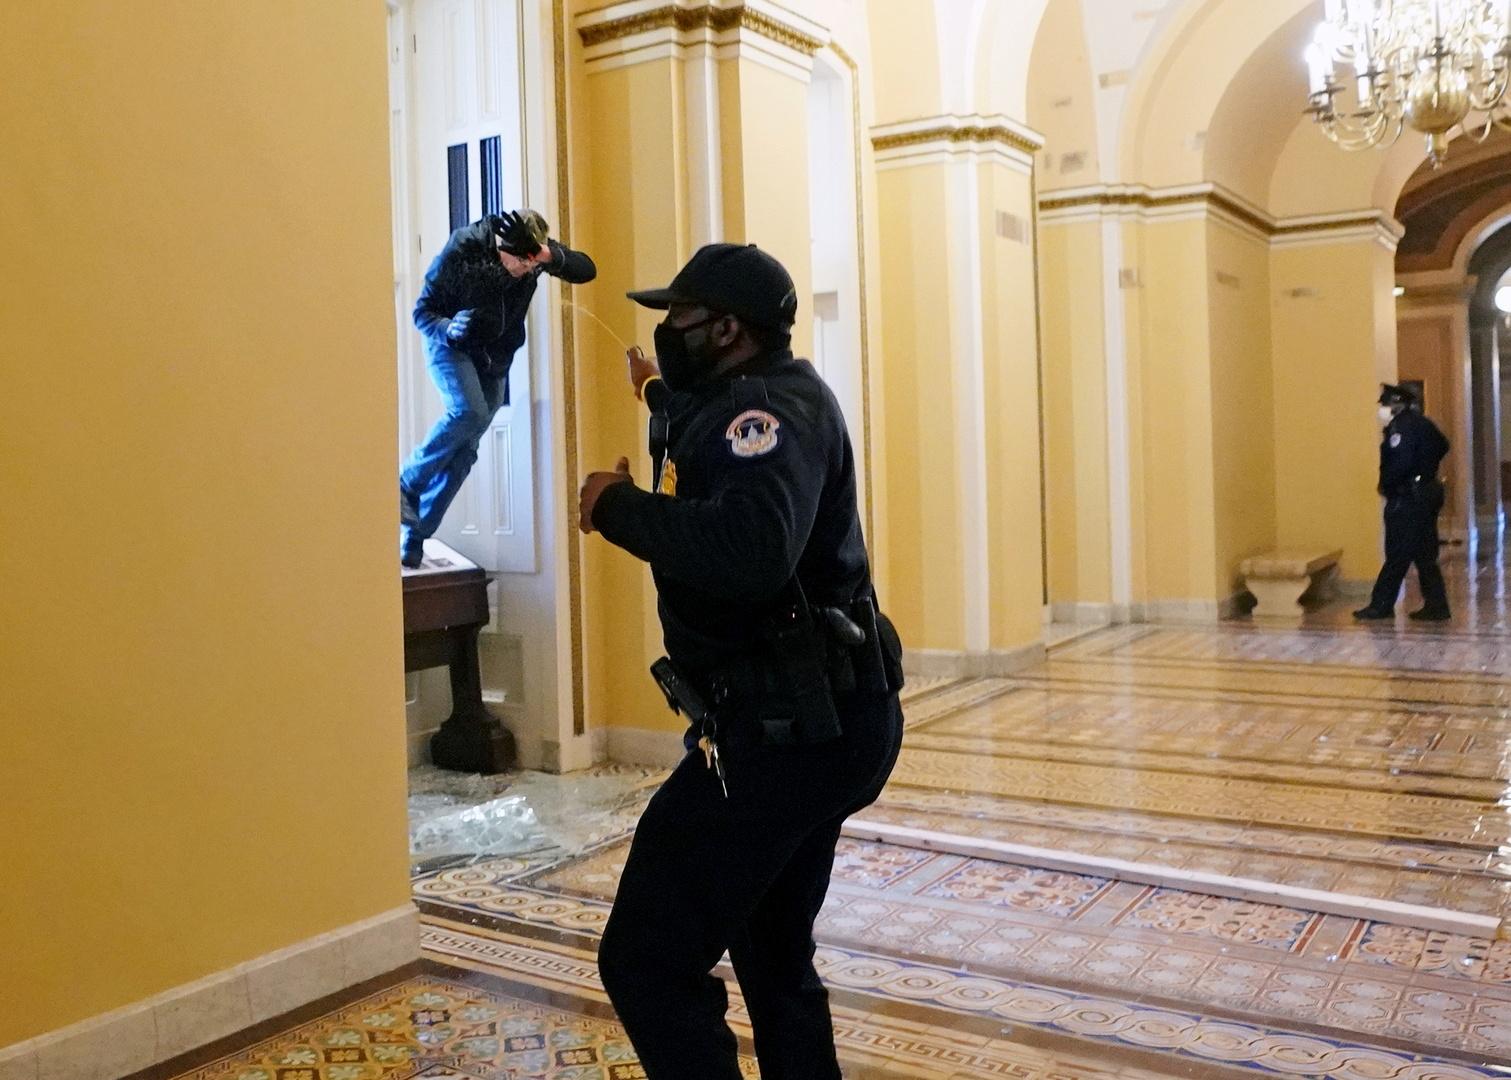 شرطة واشنطن: مقتل إمرأة بإطلاق نار في الكونغرس